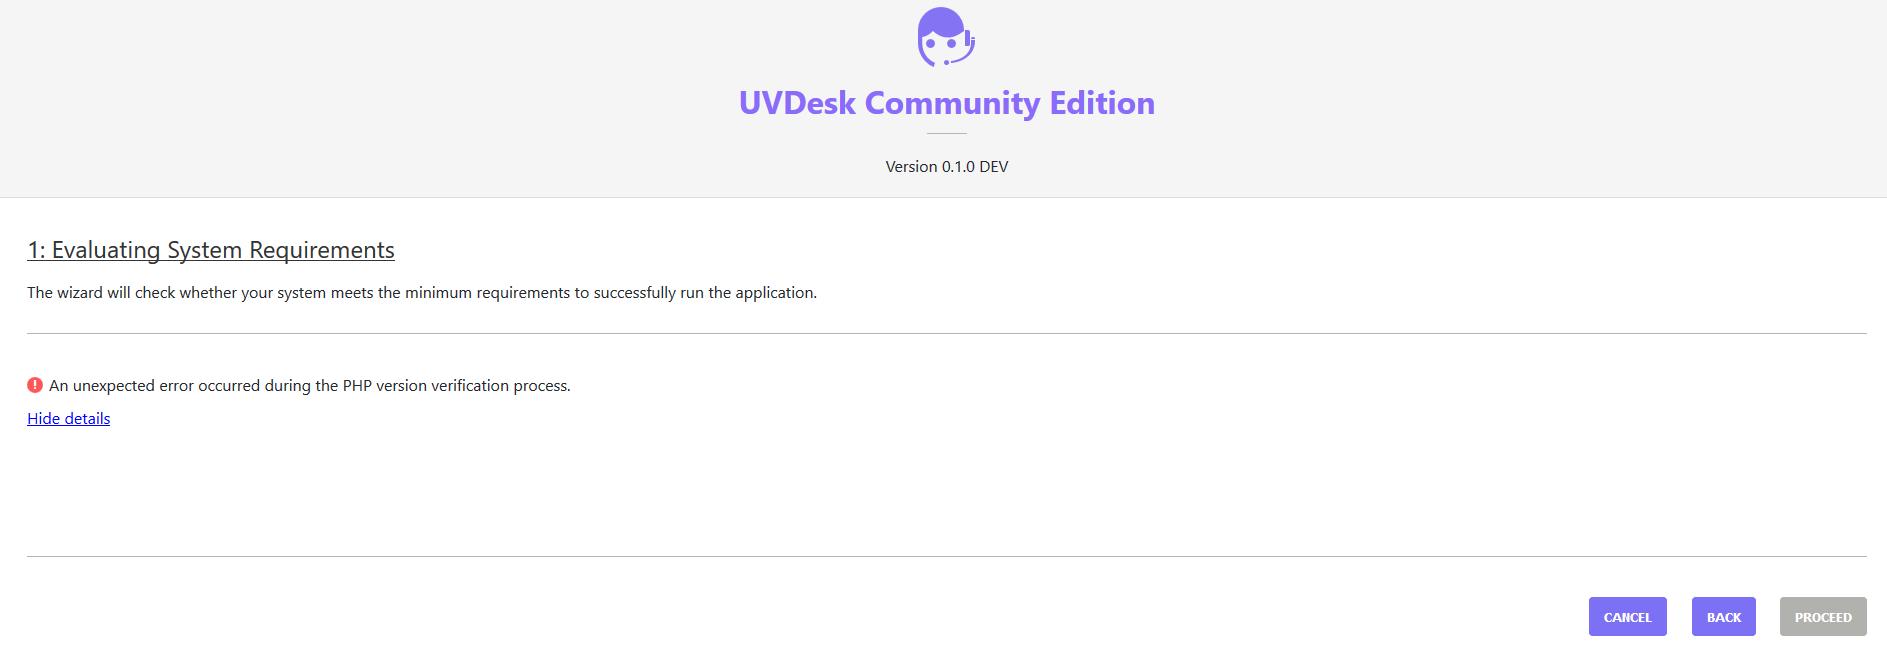 Error on install · Issue #143 · uvdesk/community-skeleton